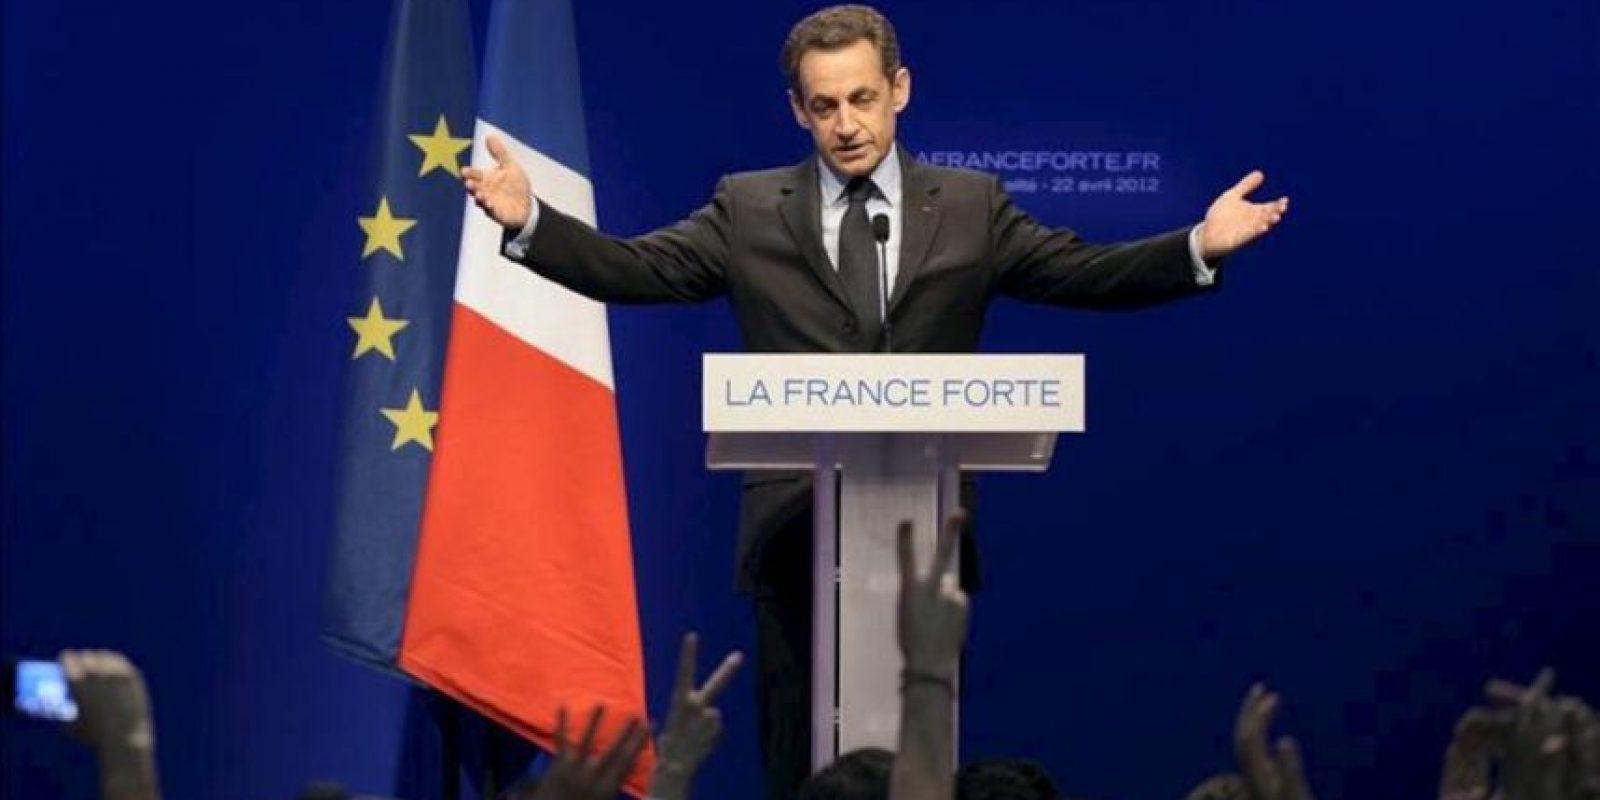 """El presidente francés en funciones y candidato por el partido UMP, Nicolas Sarkozy, habla a sus seguidores hoy, domingo 22 de abril de 2012, en París (Francia). Sarkozy, segundo, después del candidato socialista Francois Hollande, en la primera ronda de las elecciones presidenciales disputadas hoy en Francia según los sondeos, dijo comprender """"los temores"""" de sus compatriotas y les pidió apoyo para la segunda vuelta. EFE"""